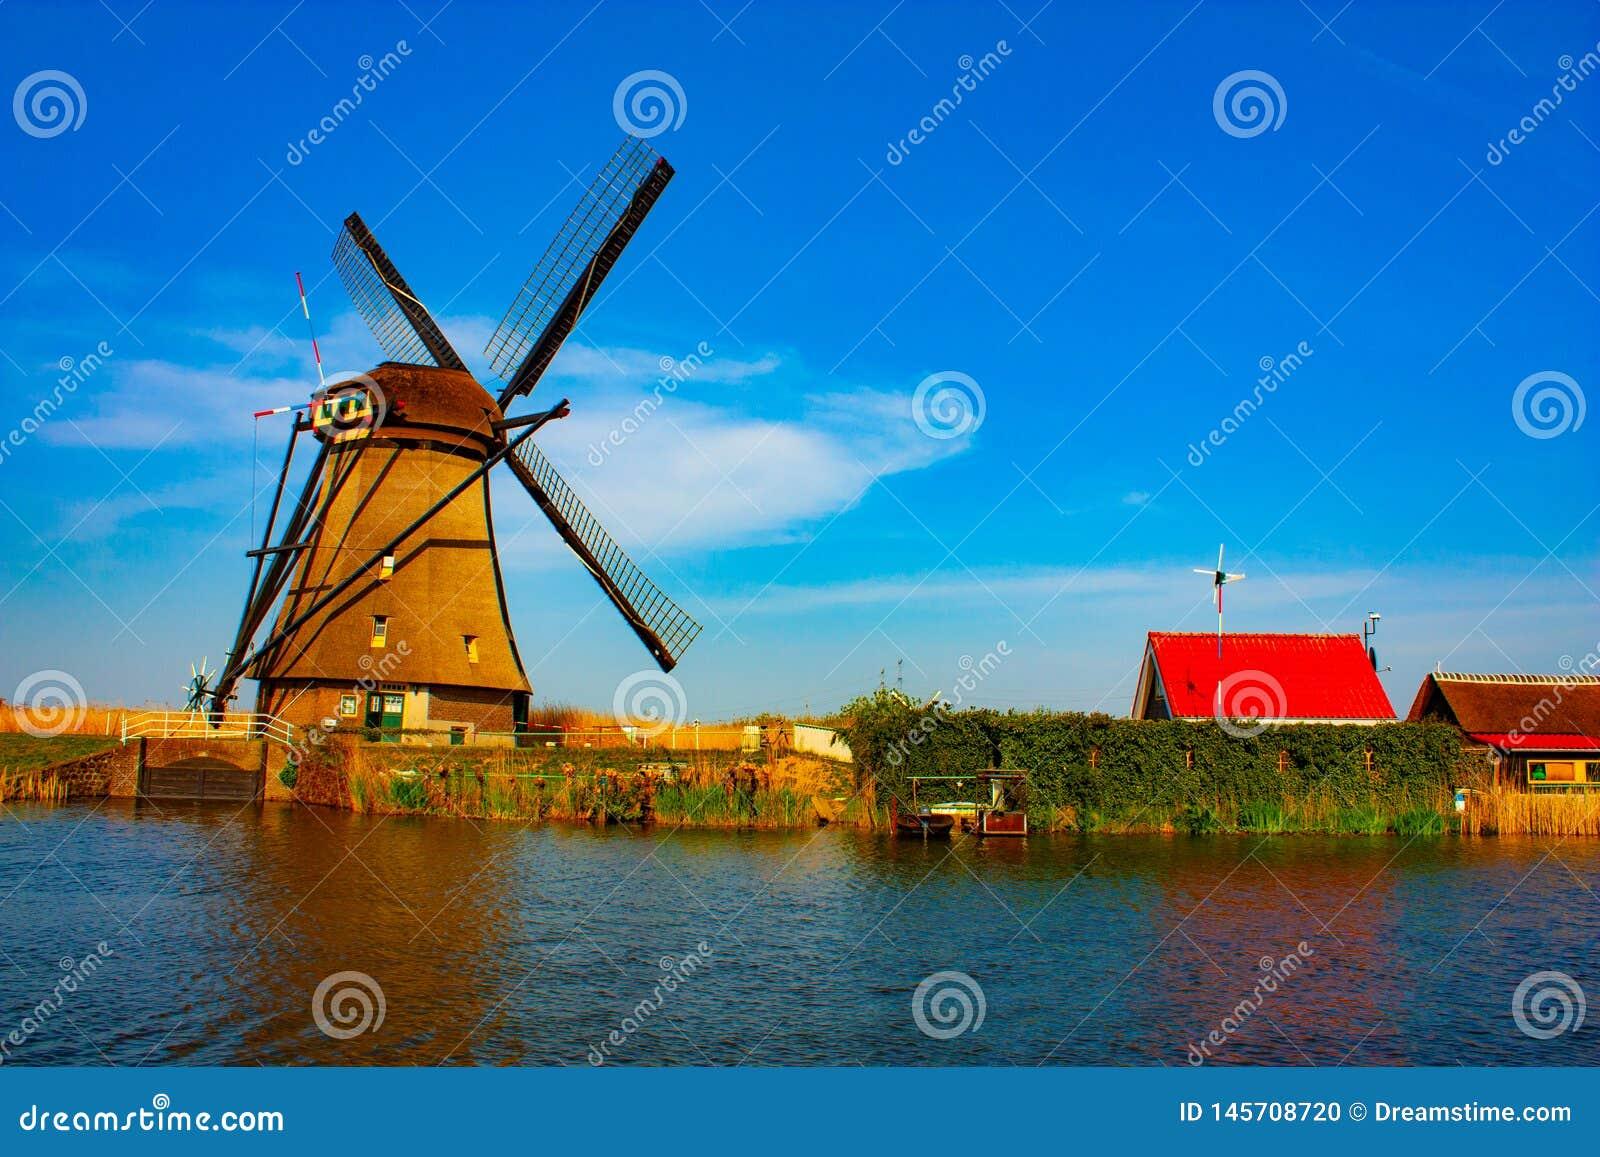 Windmolen in Kinderdijk - mooie zonnige dag